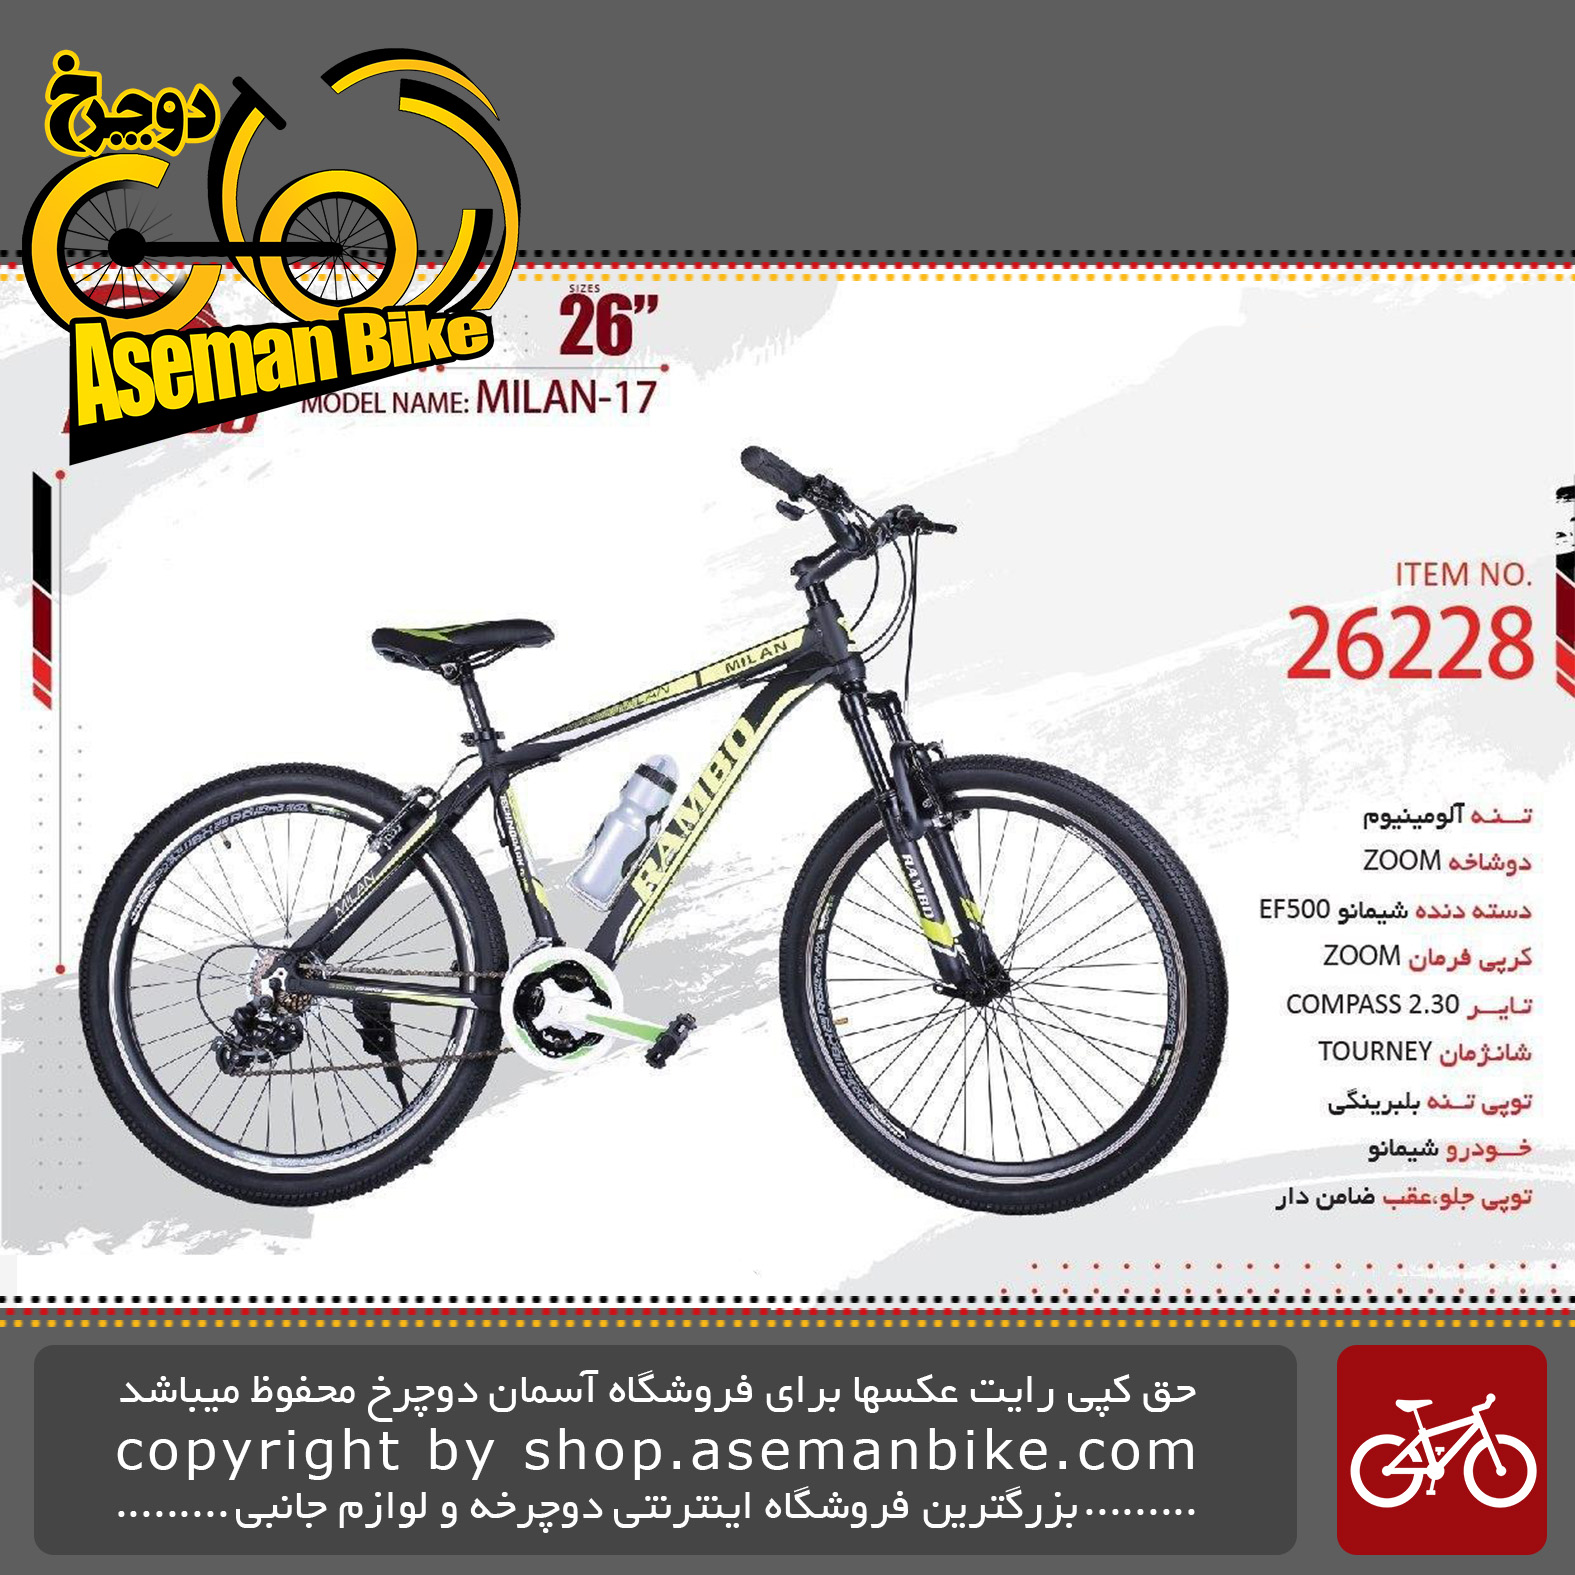 دوچرخه کوهستان رامبو سایز 26 مدل میلان RAMBO SIZE 26 MILAN 17 17